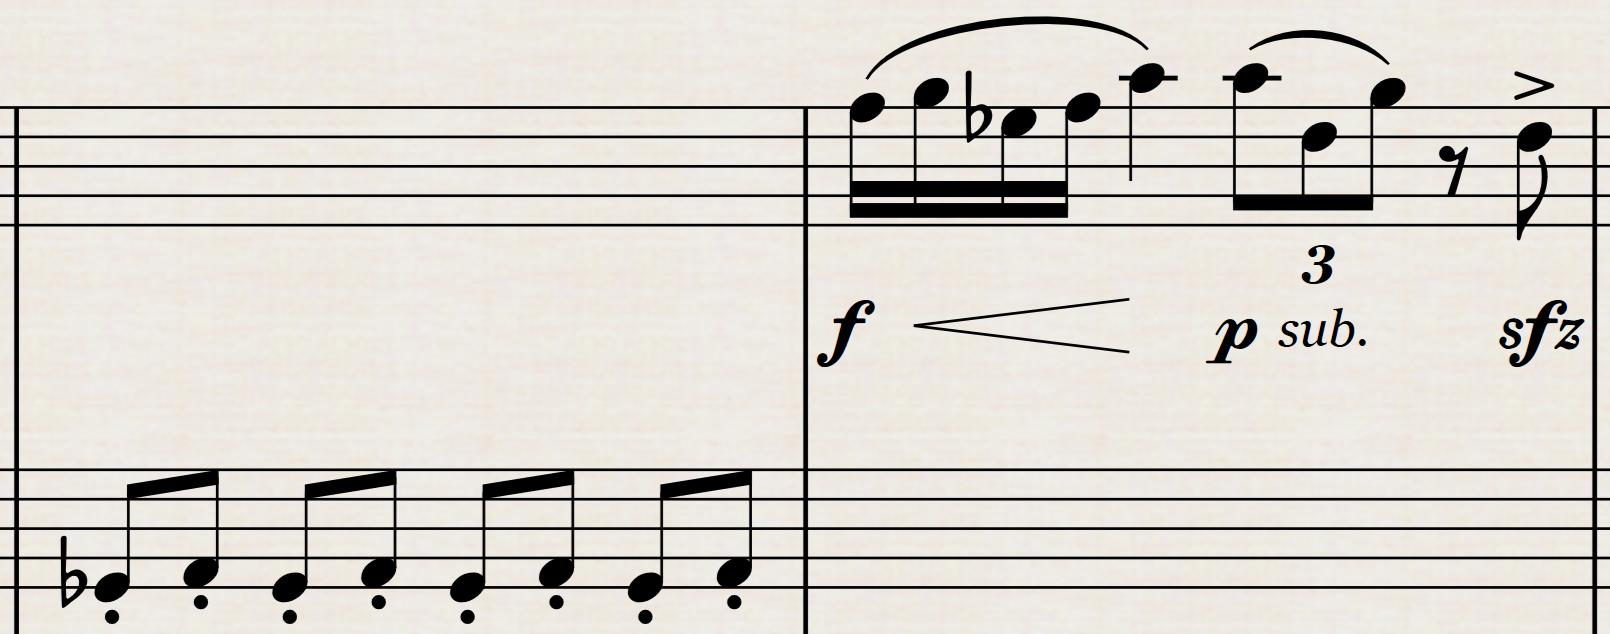 move-bar-2